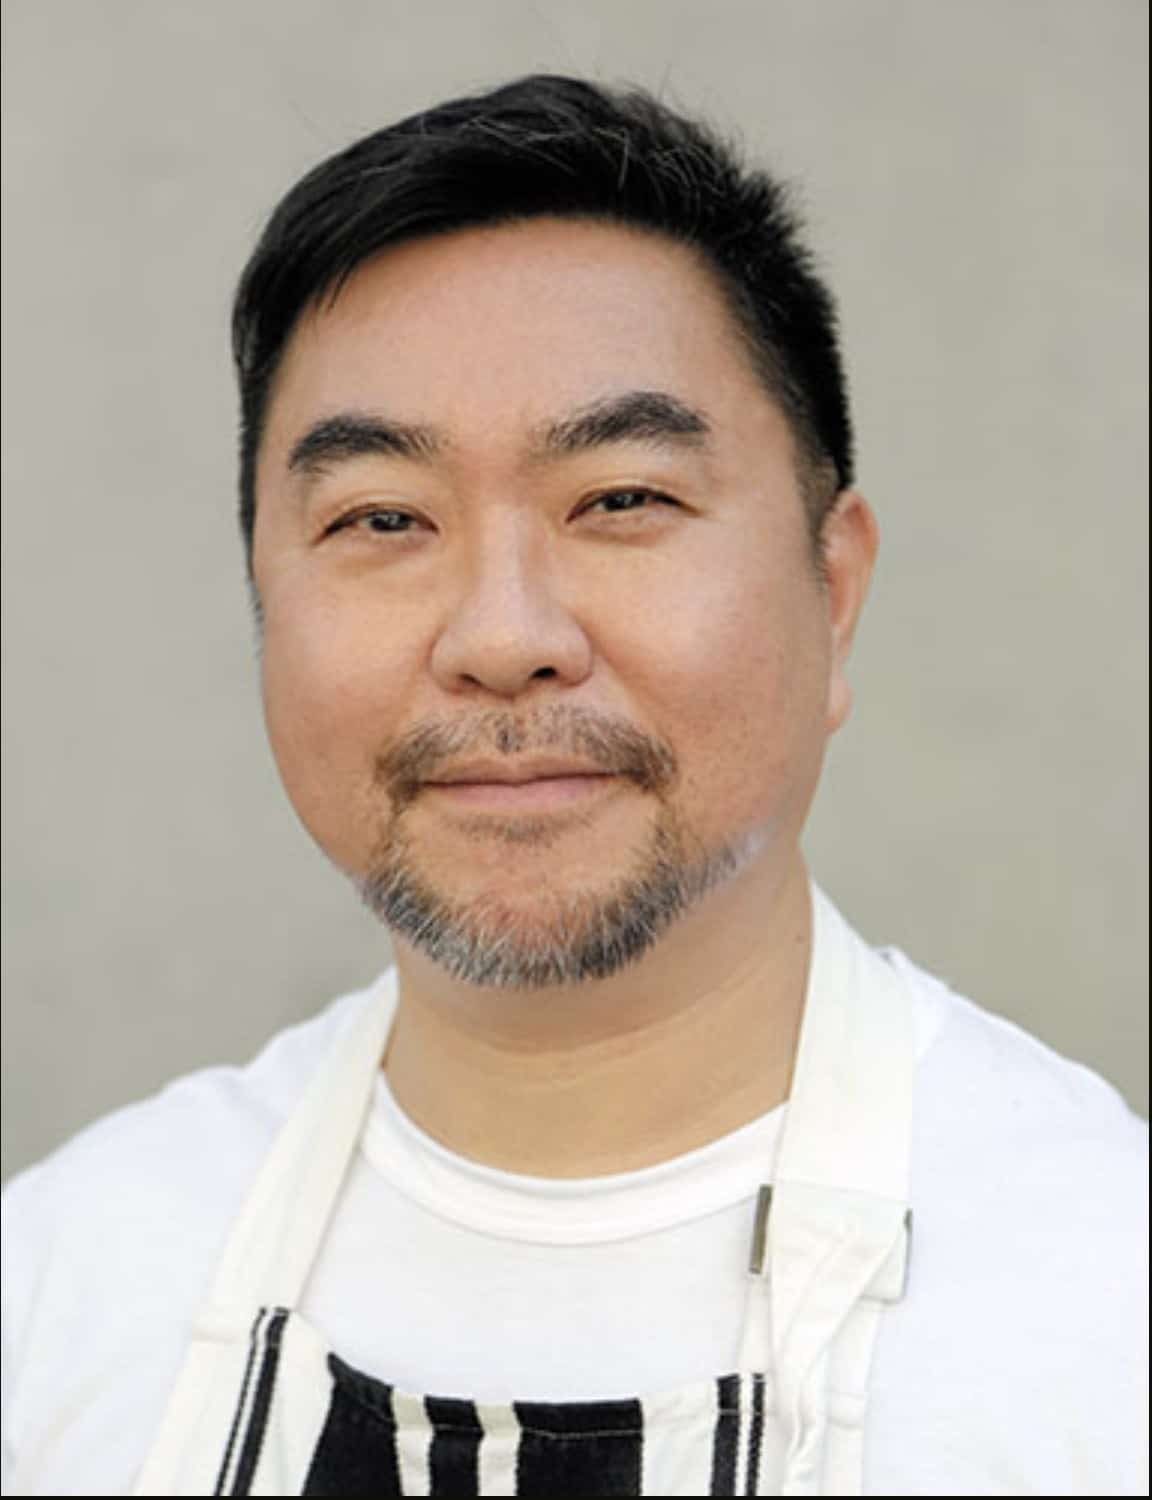 Yoshiaki Takei (Photo by Masahiro Gohda)